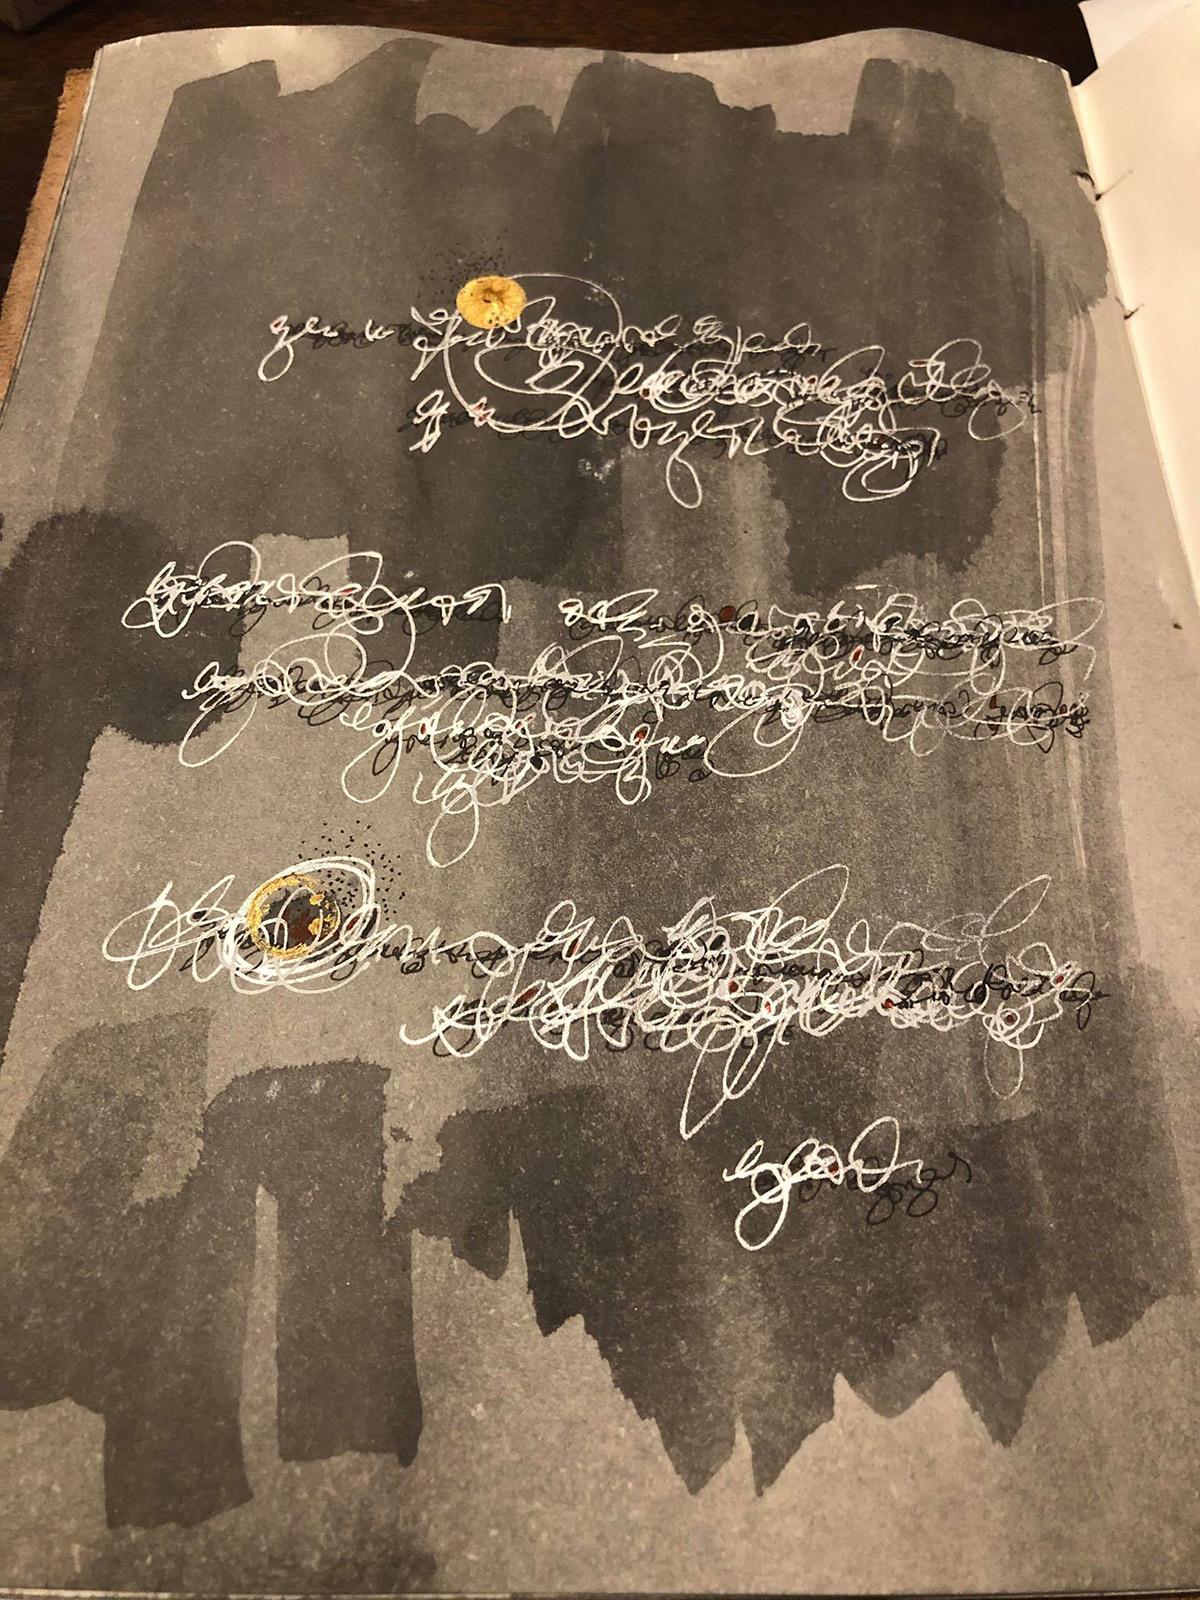 Celestrial Book II by Anneke Baeten